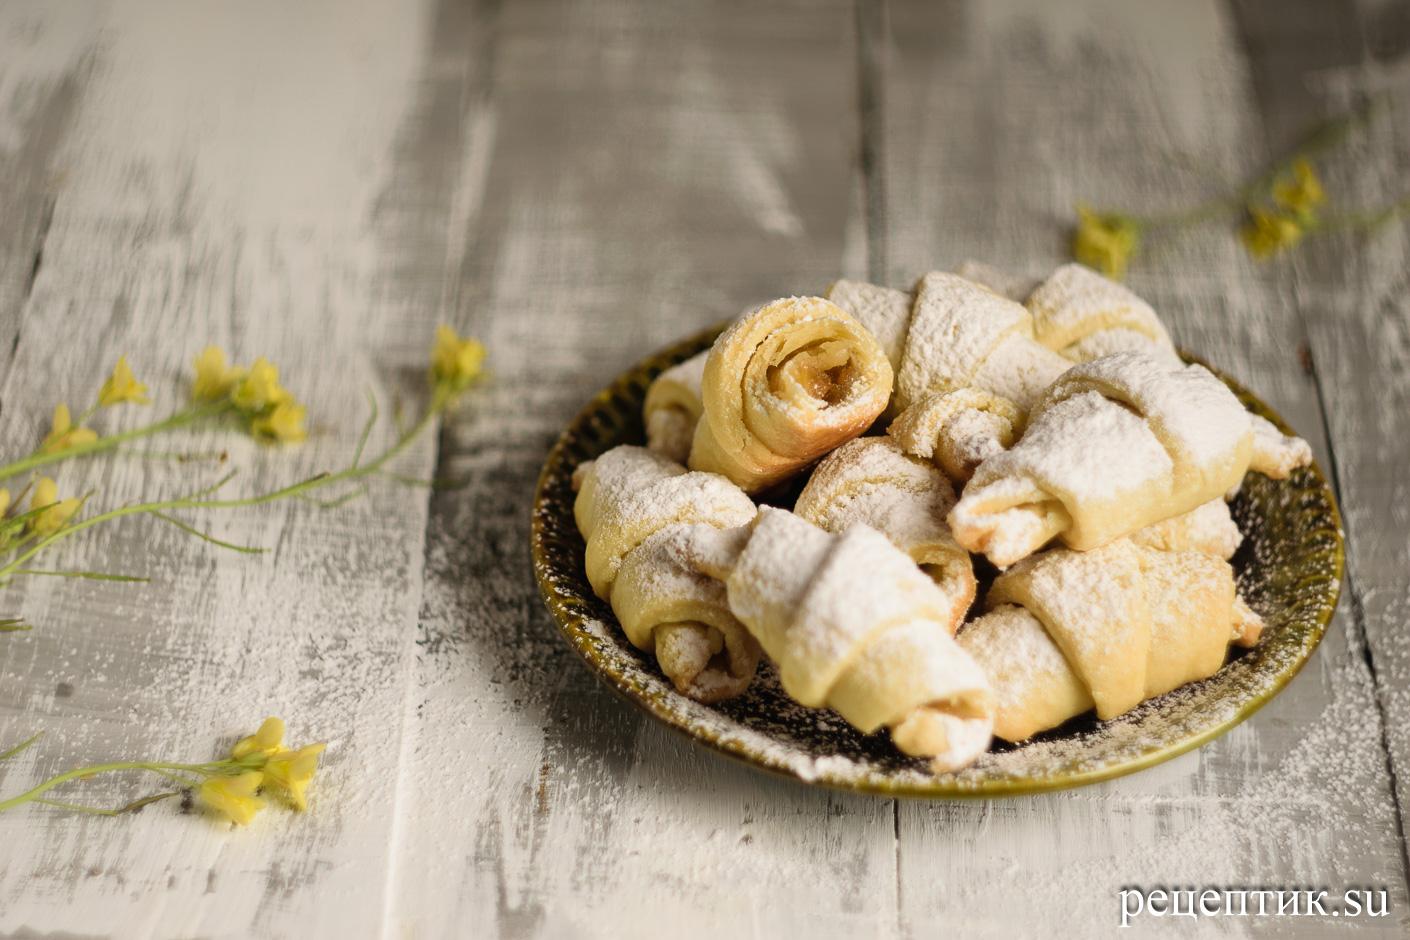 Домашние песочные рогалики с повидлом - рецепт с фото, результат